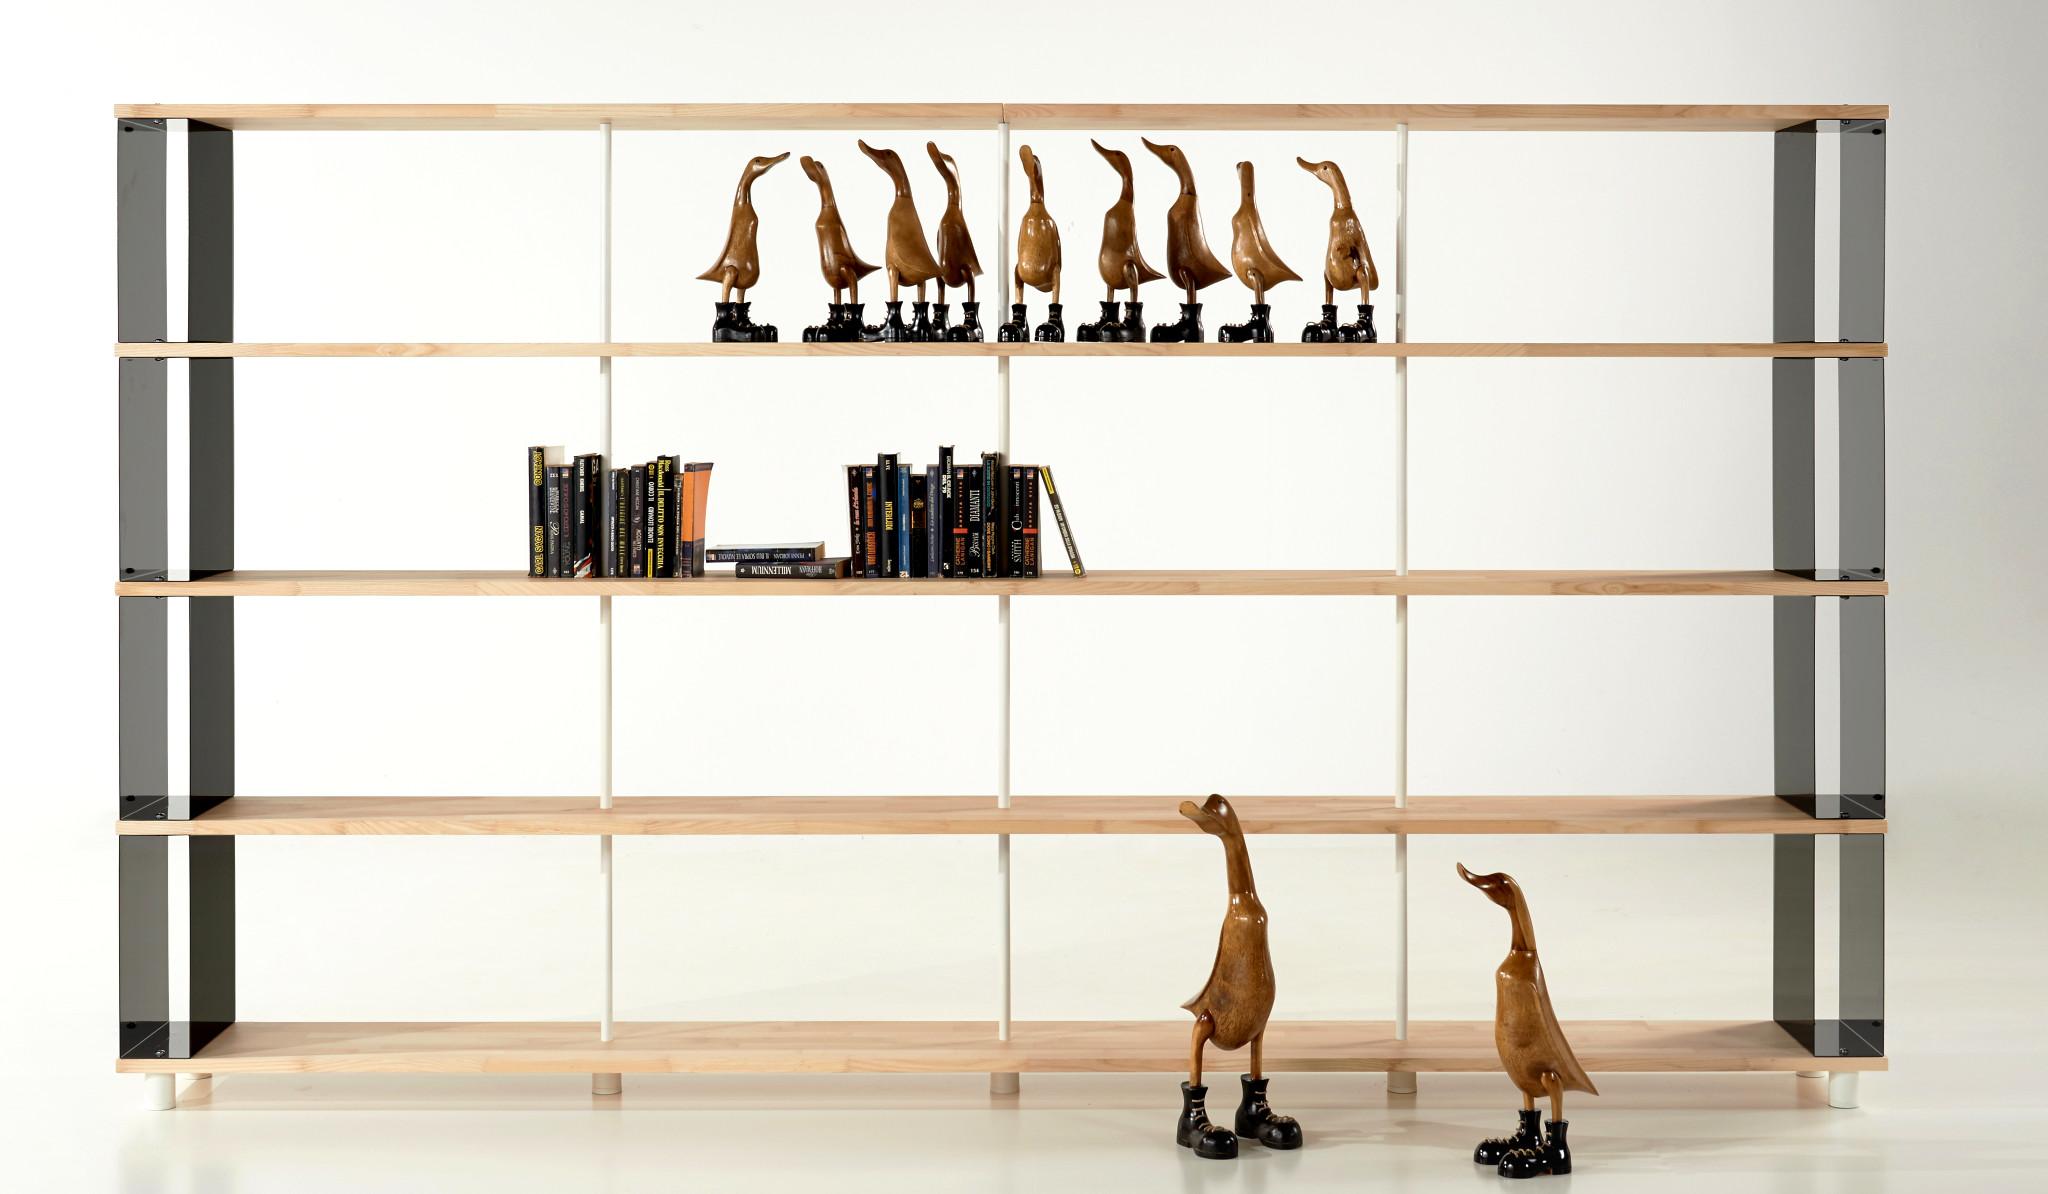 Librerie componibili di design mobili made in italy dal 1922 for Librerie modulari economiche